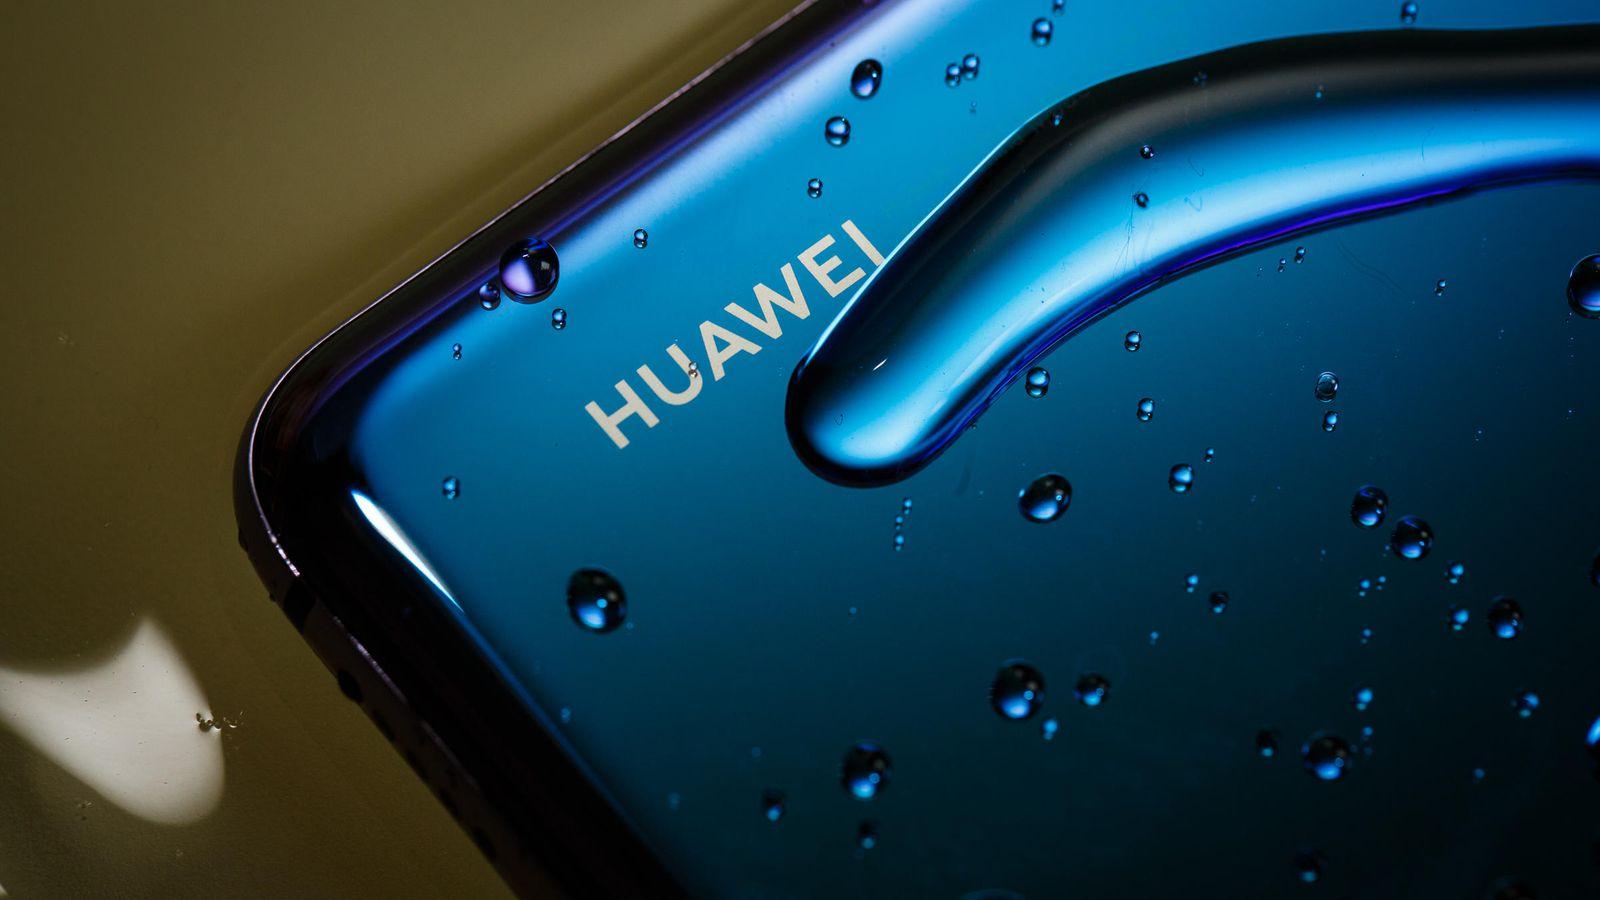 Huawei prépare son propre smartphone pliable, prévu pour novembre